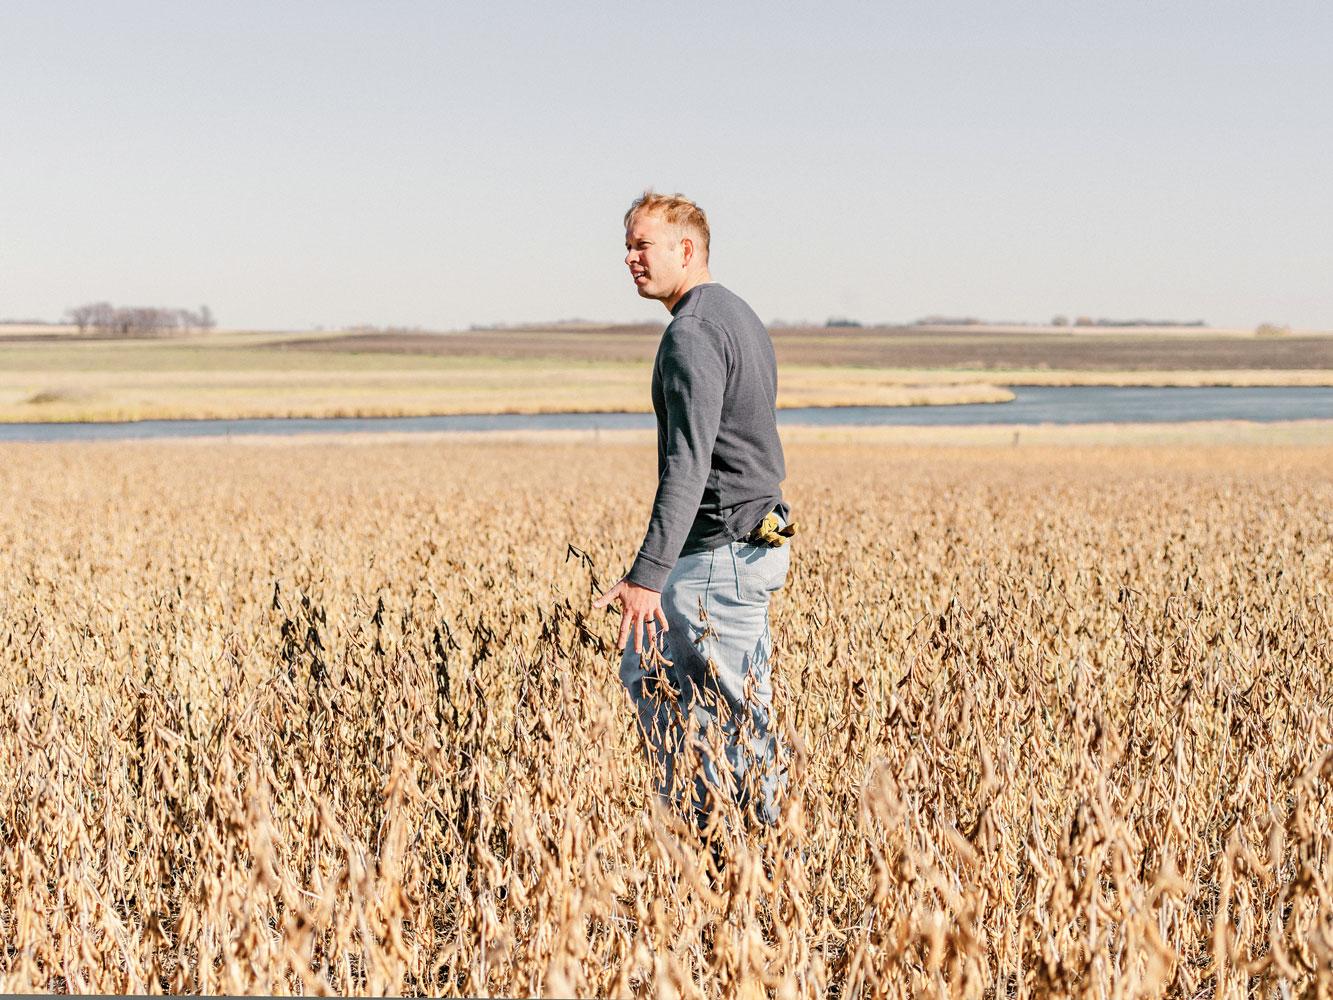 Jason McHenry en la tierra de Dakota del Sur donde cultiva soja creada con la edición de genes.